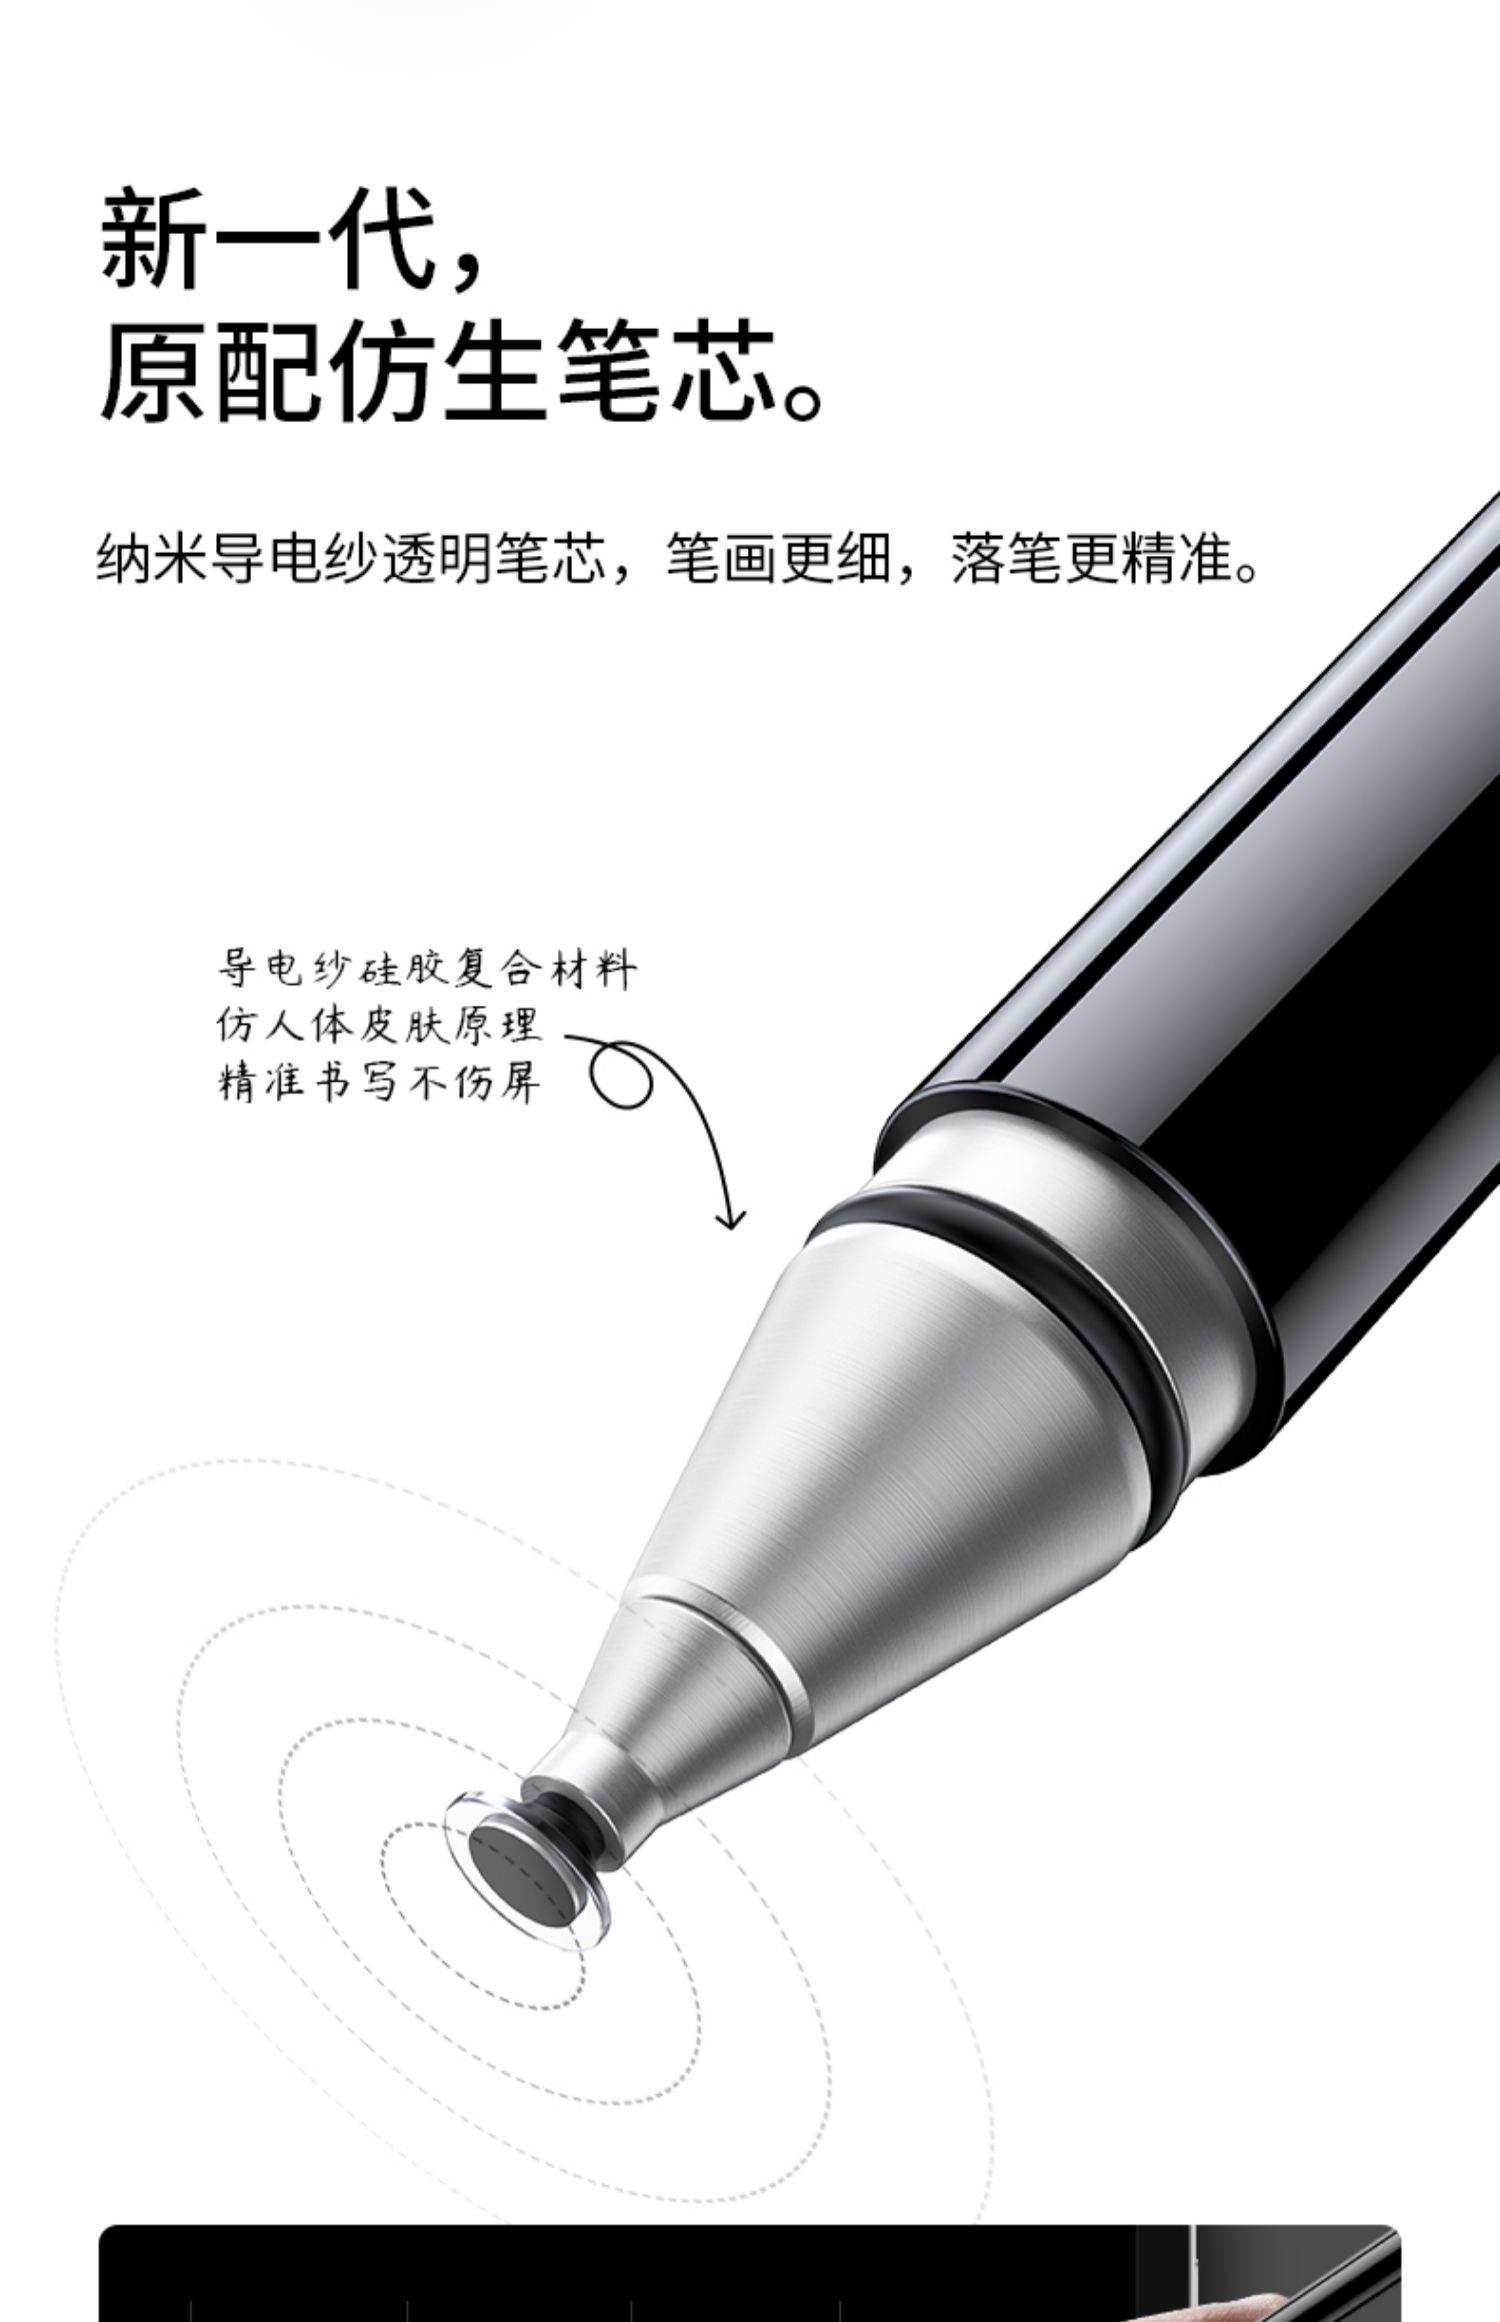 笔触控笔电容笔主动式电容笔手机平板专用触控笔苹果手写笔细头安卓华为通用绘画详细照片